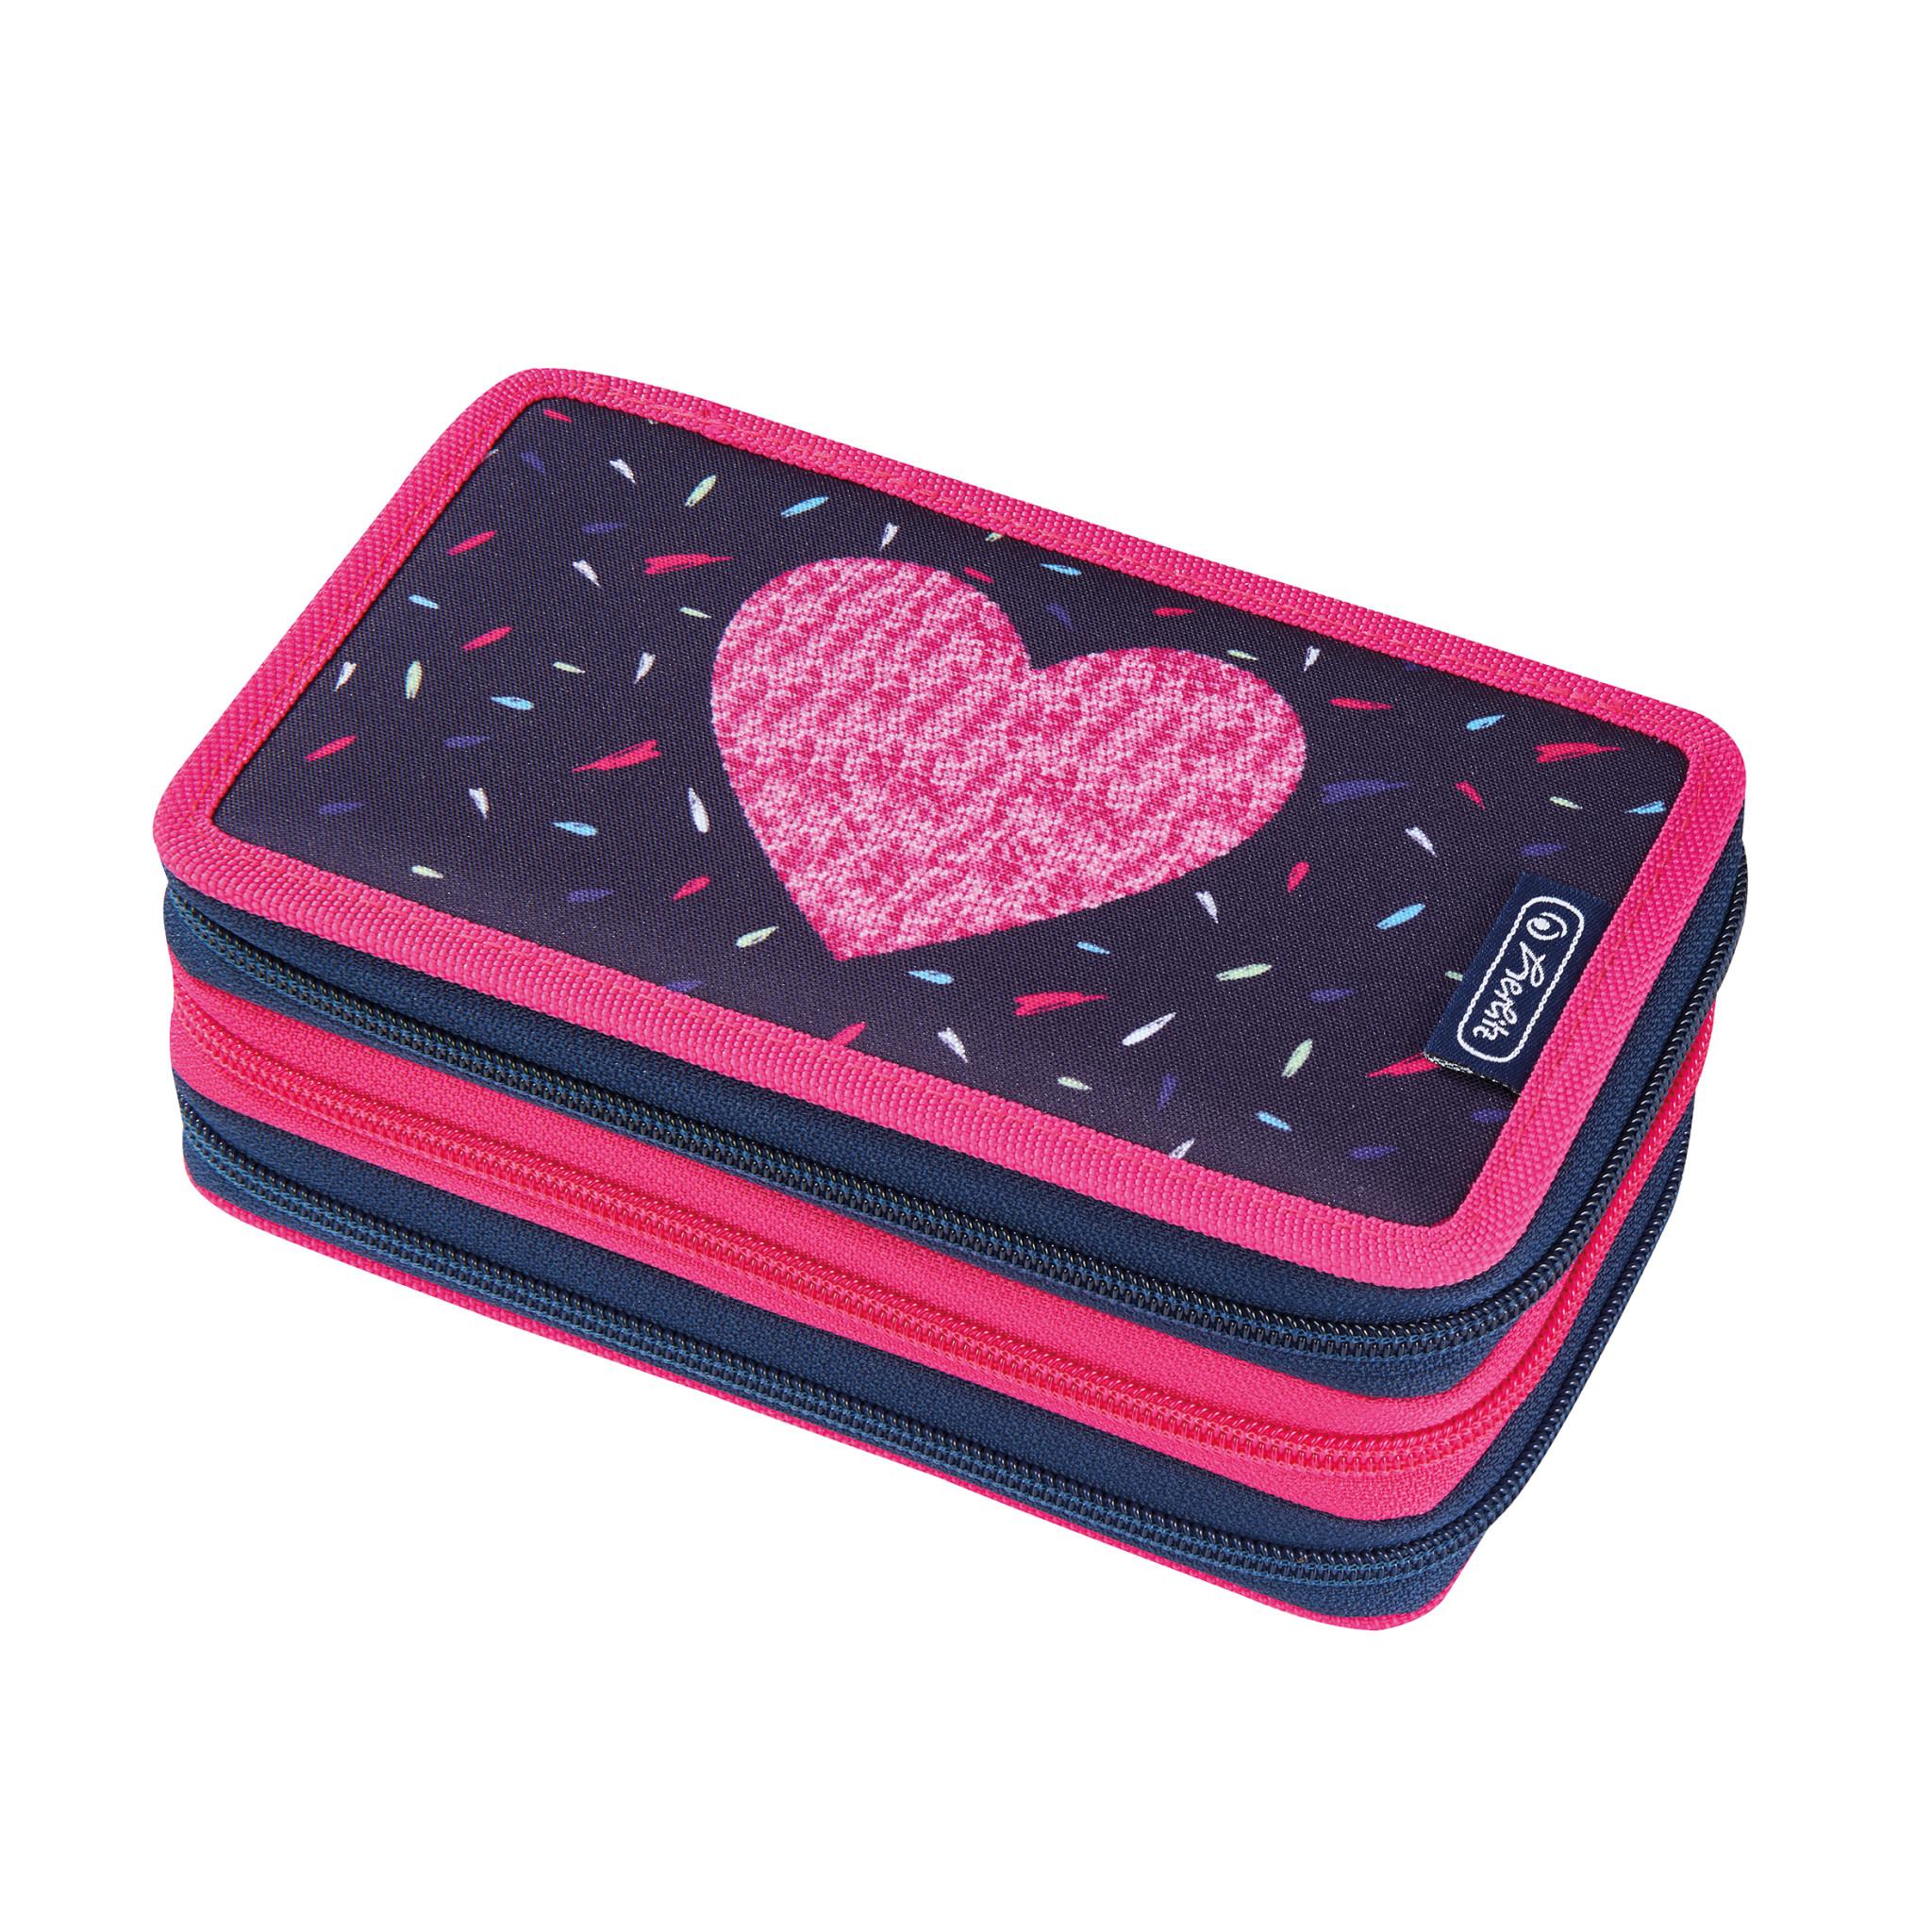 Herlitz 50026210 - Federmäppchen - Tropical Heart - Pink - Violett - Polyester